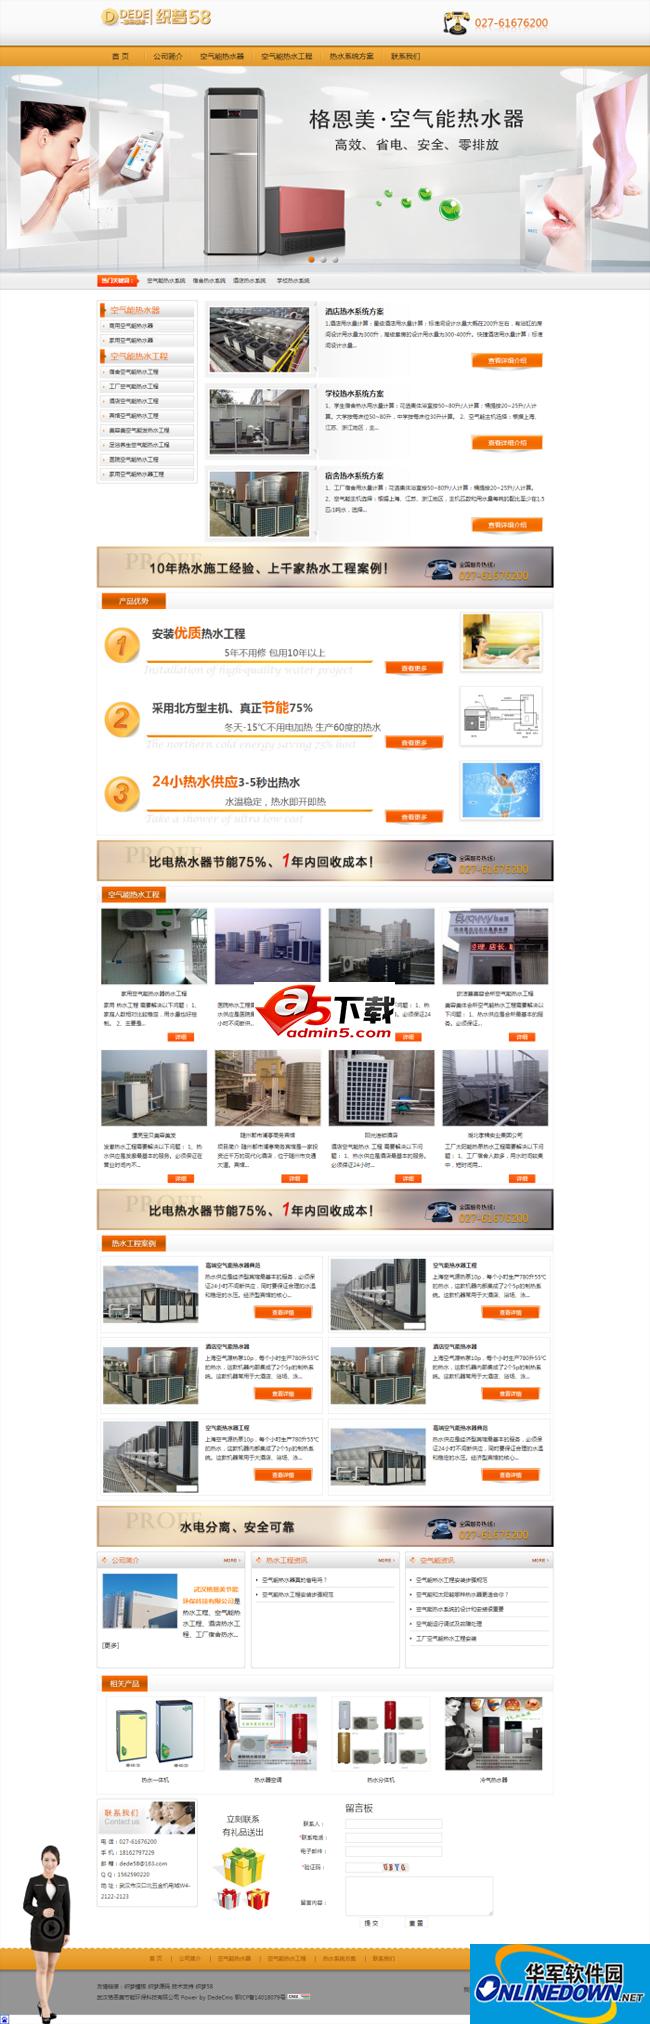 空气能源热水工程企业公司网站 PC版